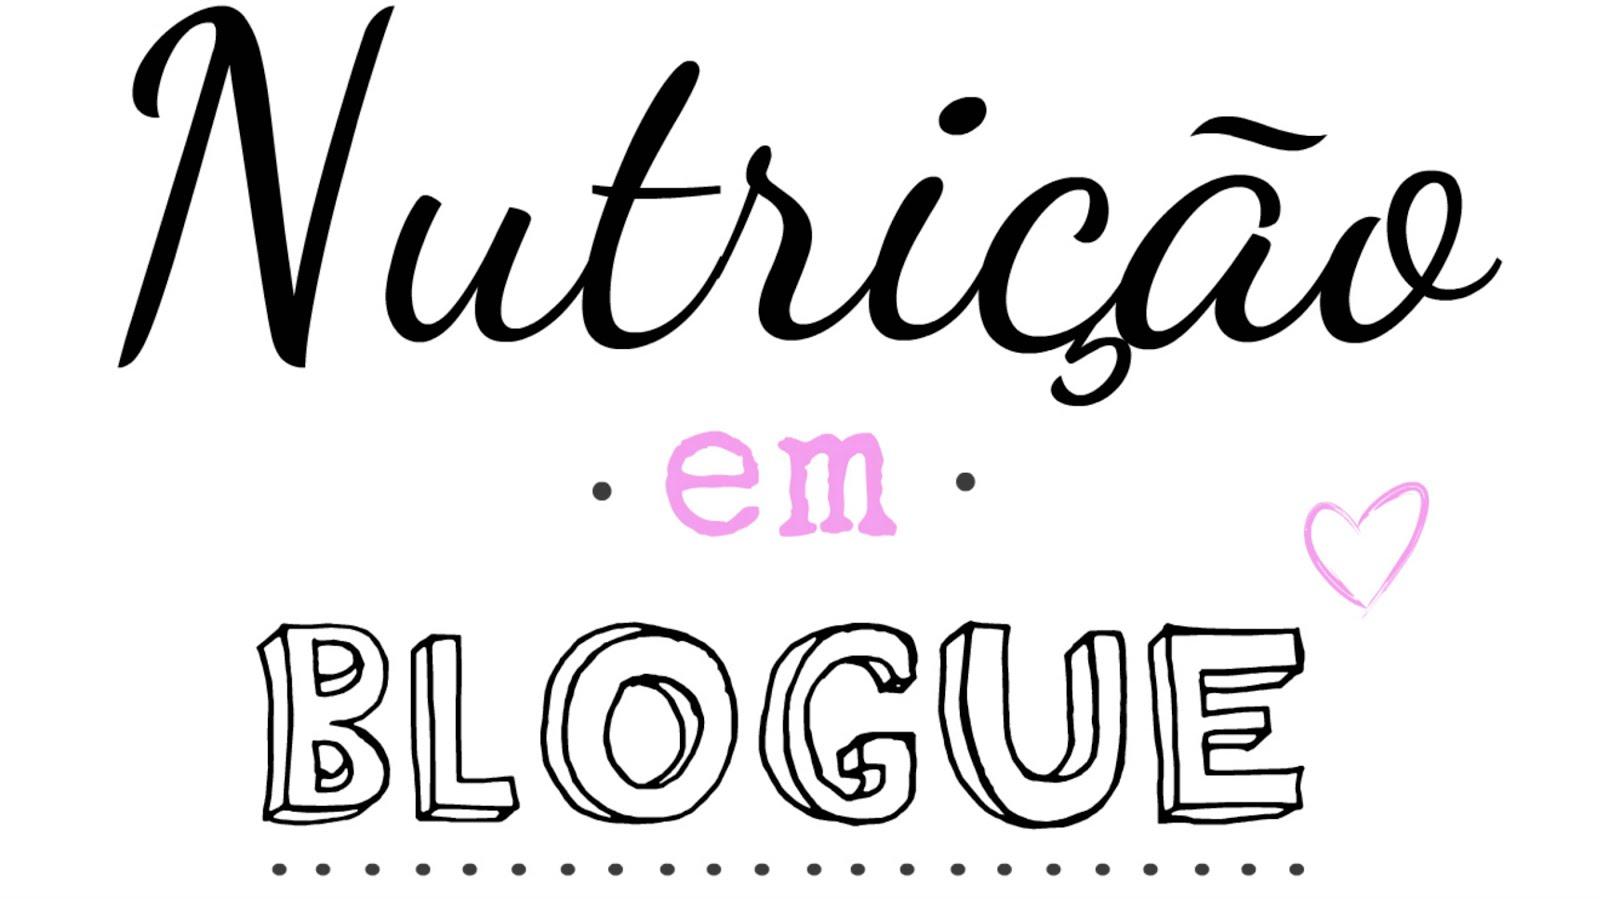 Nutrição em blogue